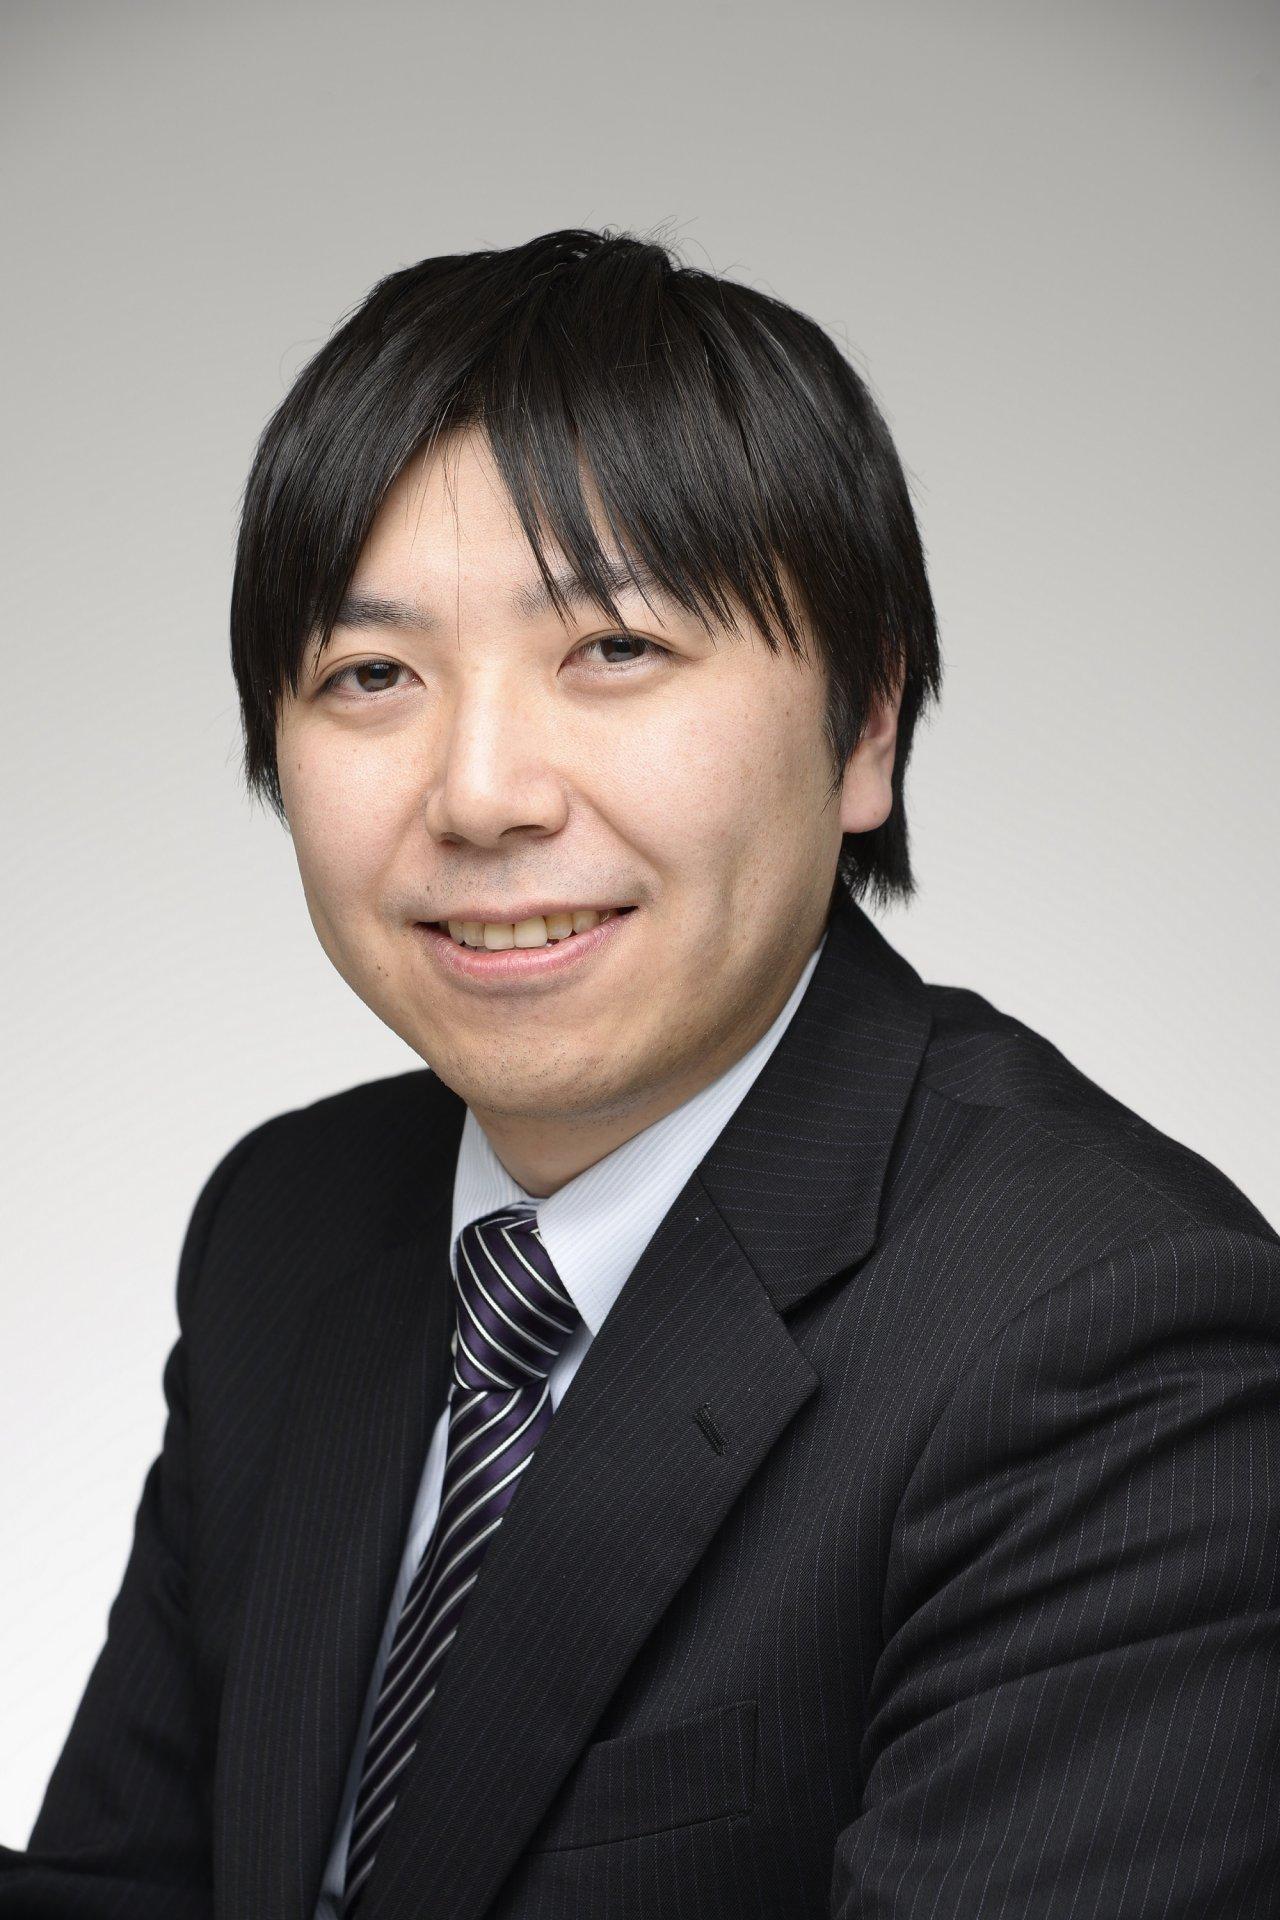 税理士法人新日本 宇都宮事務所